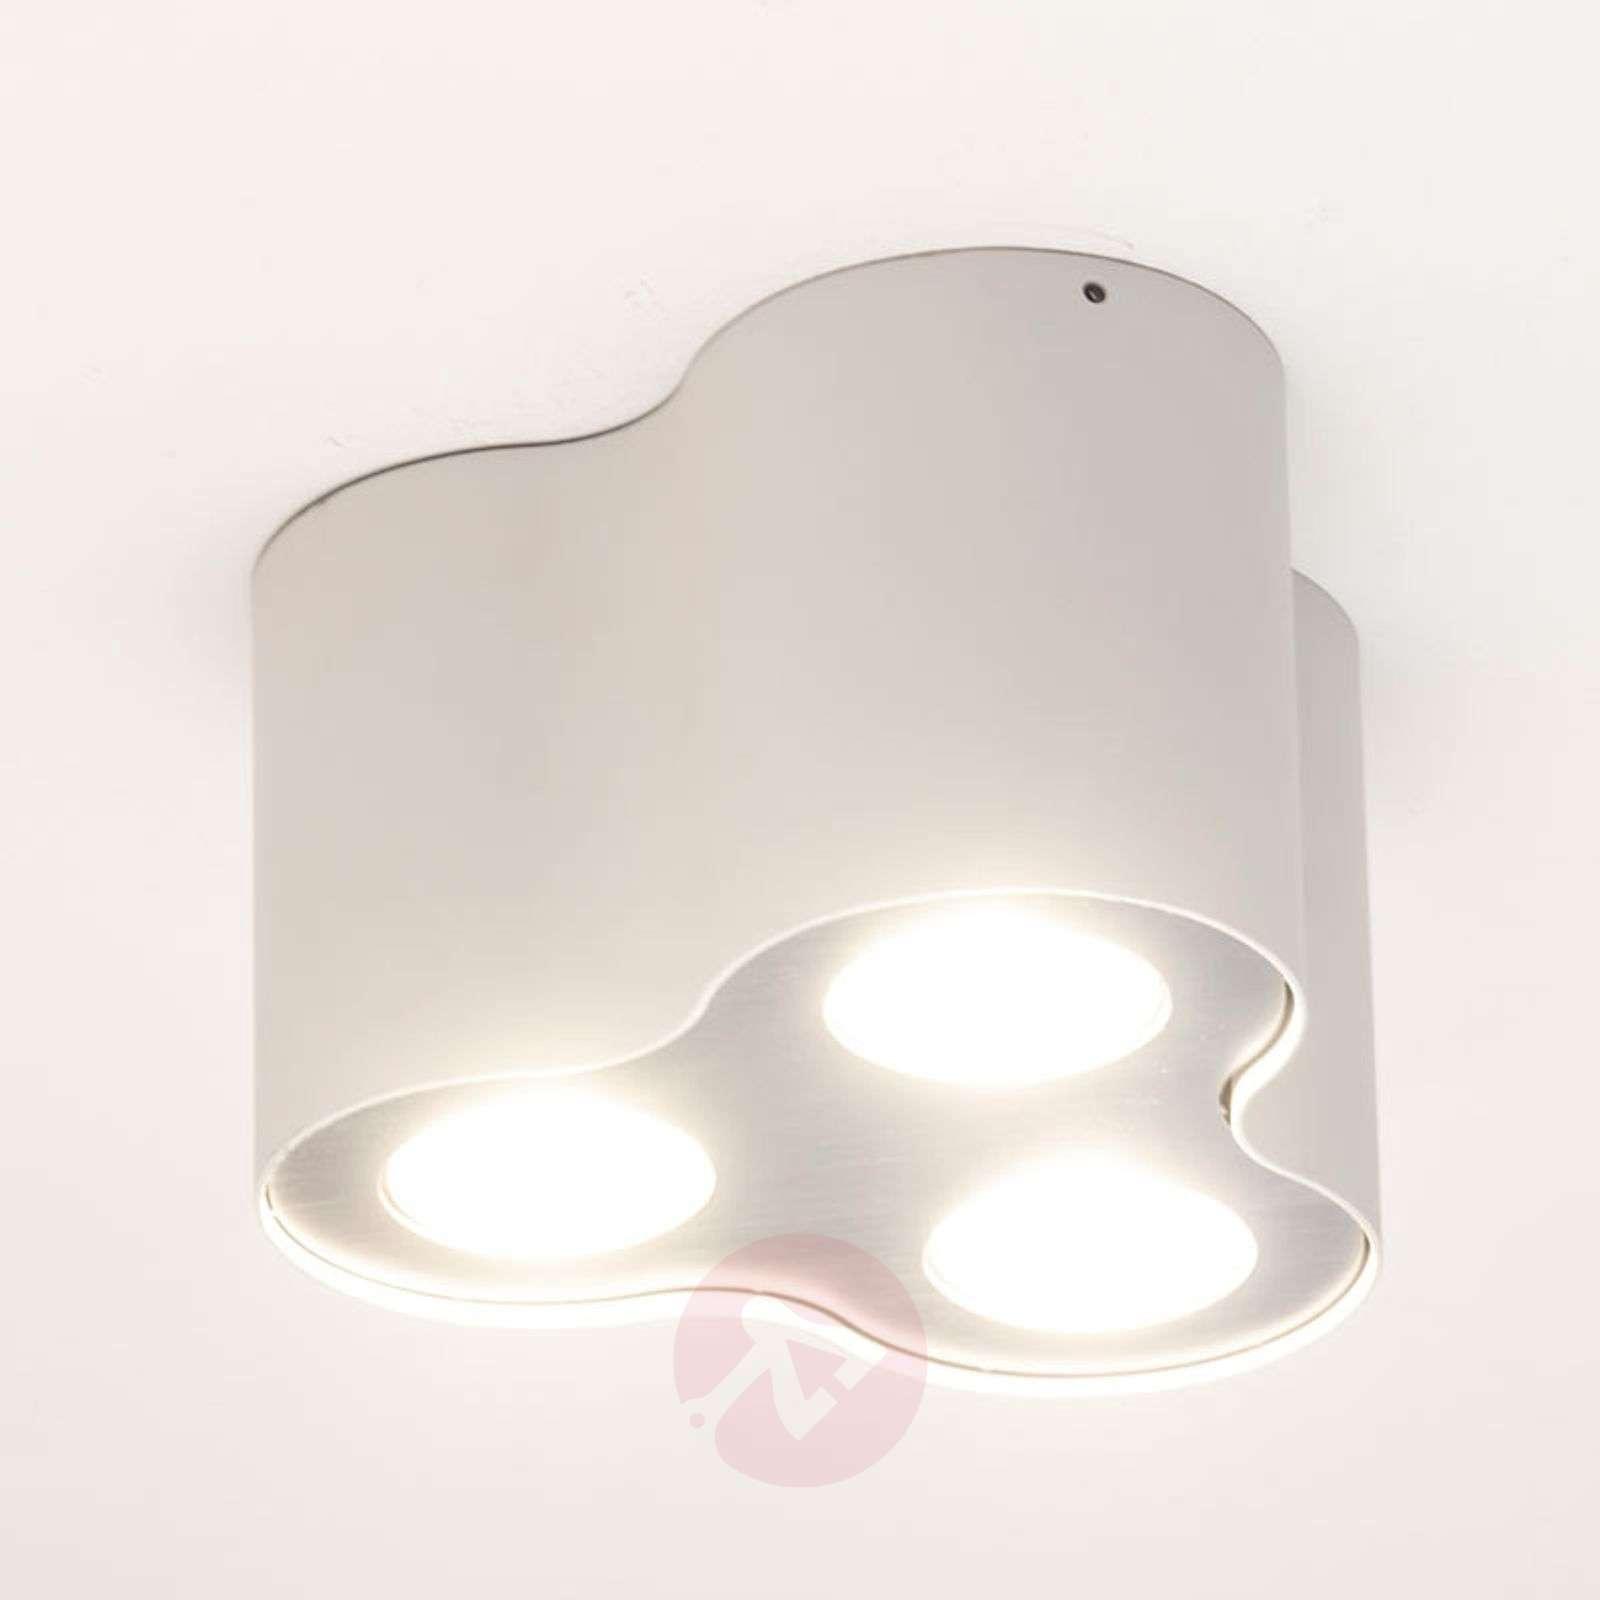 Kolmilamppuinen LED-kattovalaisin Pillar valkoinen-7531914-01